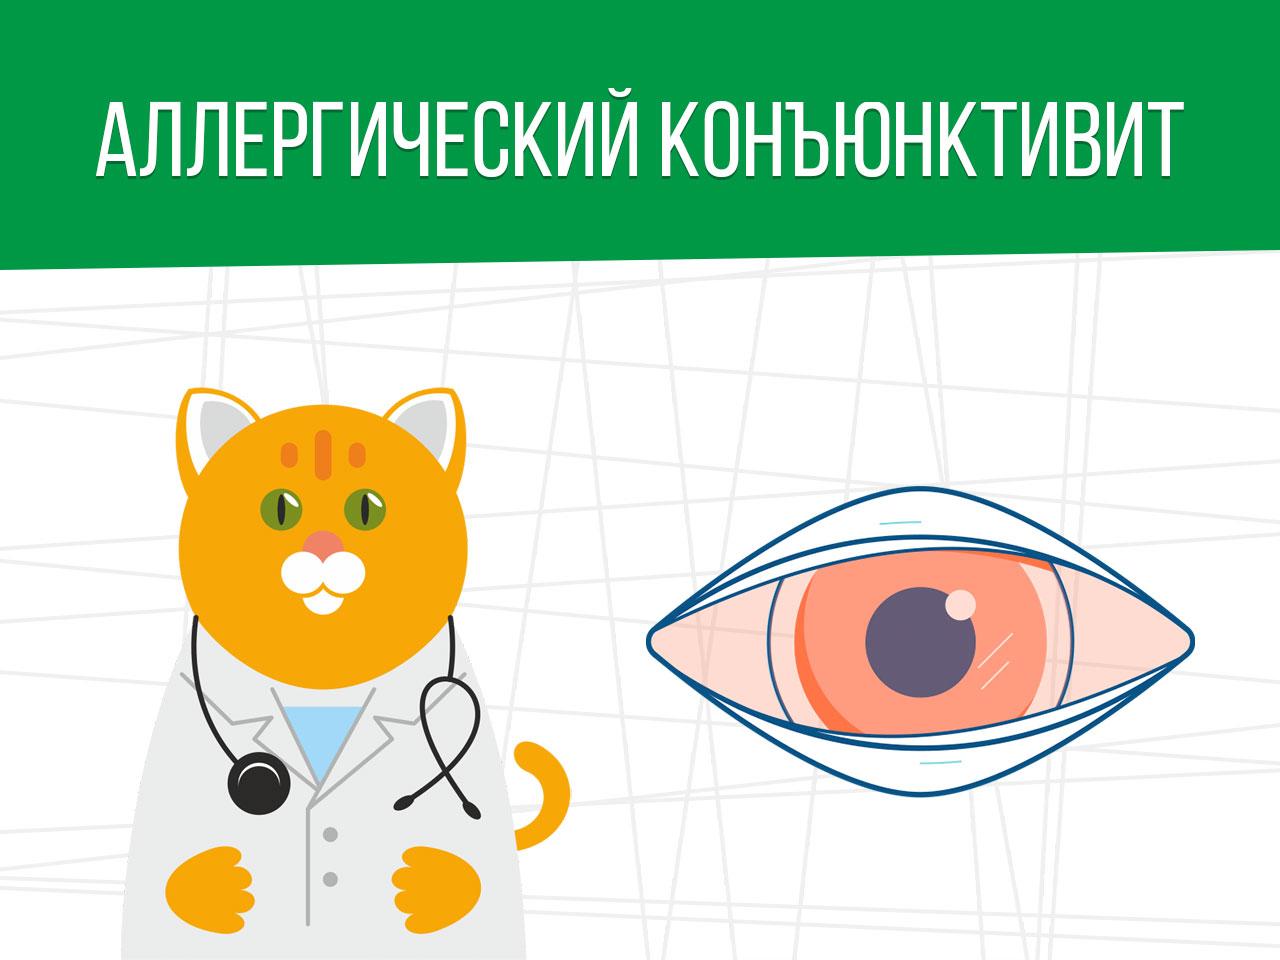 Аллергический конъюнктивит: какая категория годности?